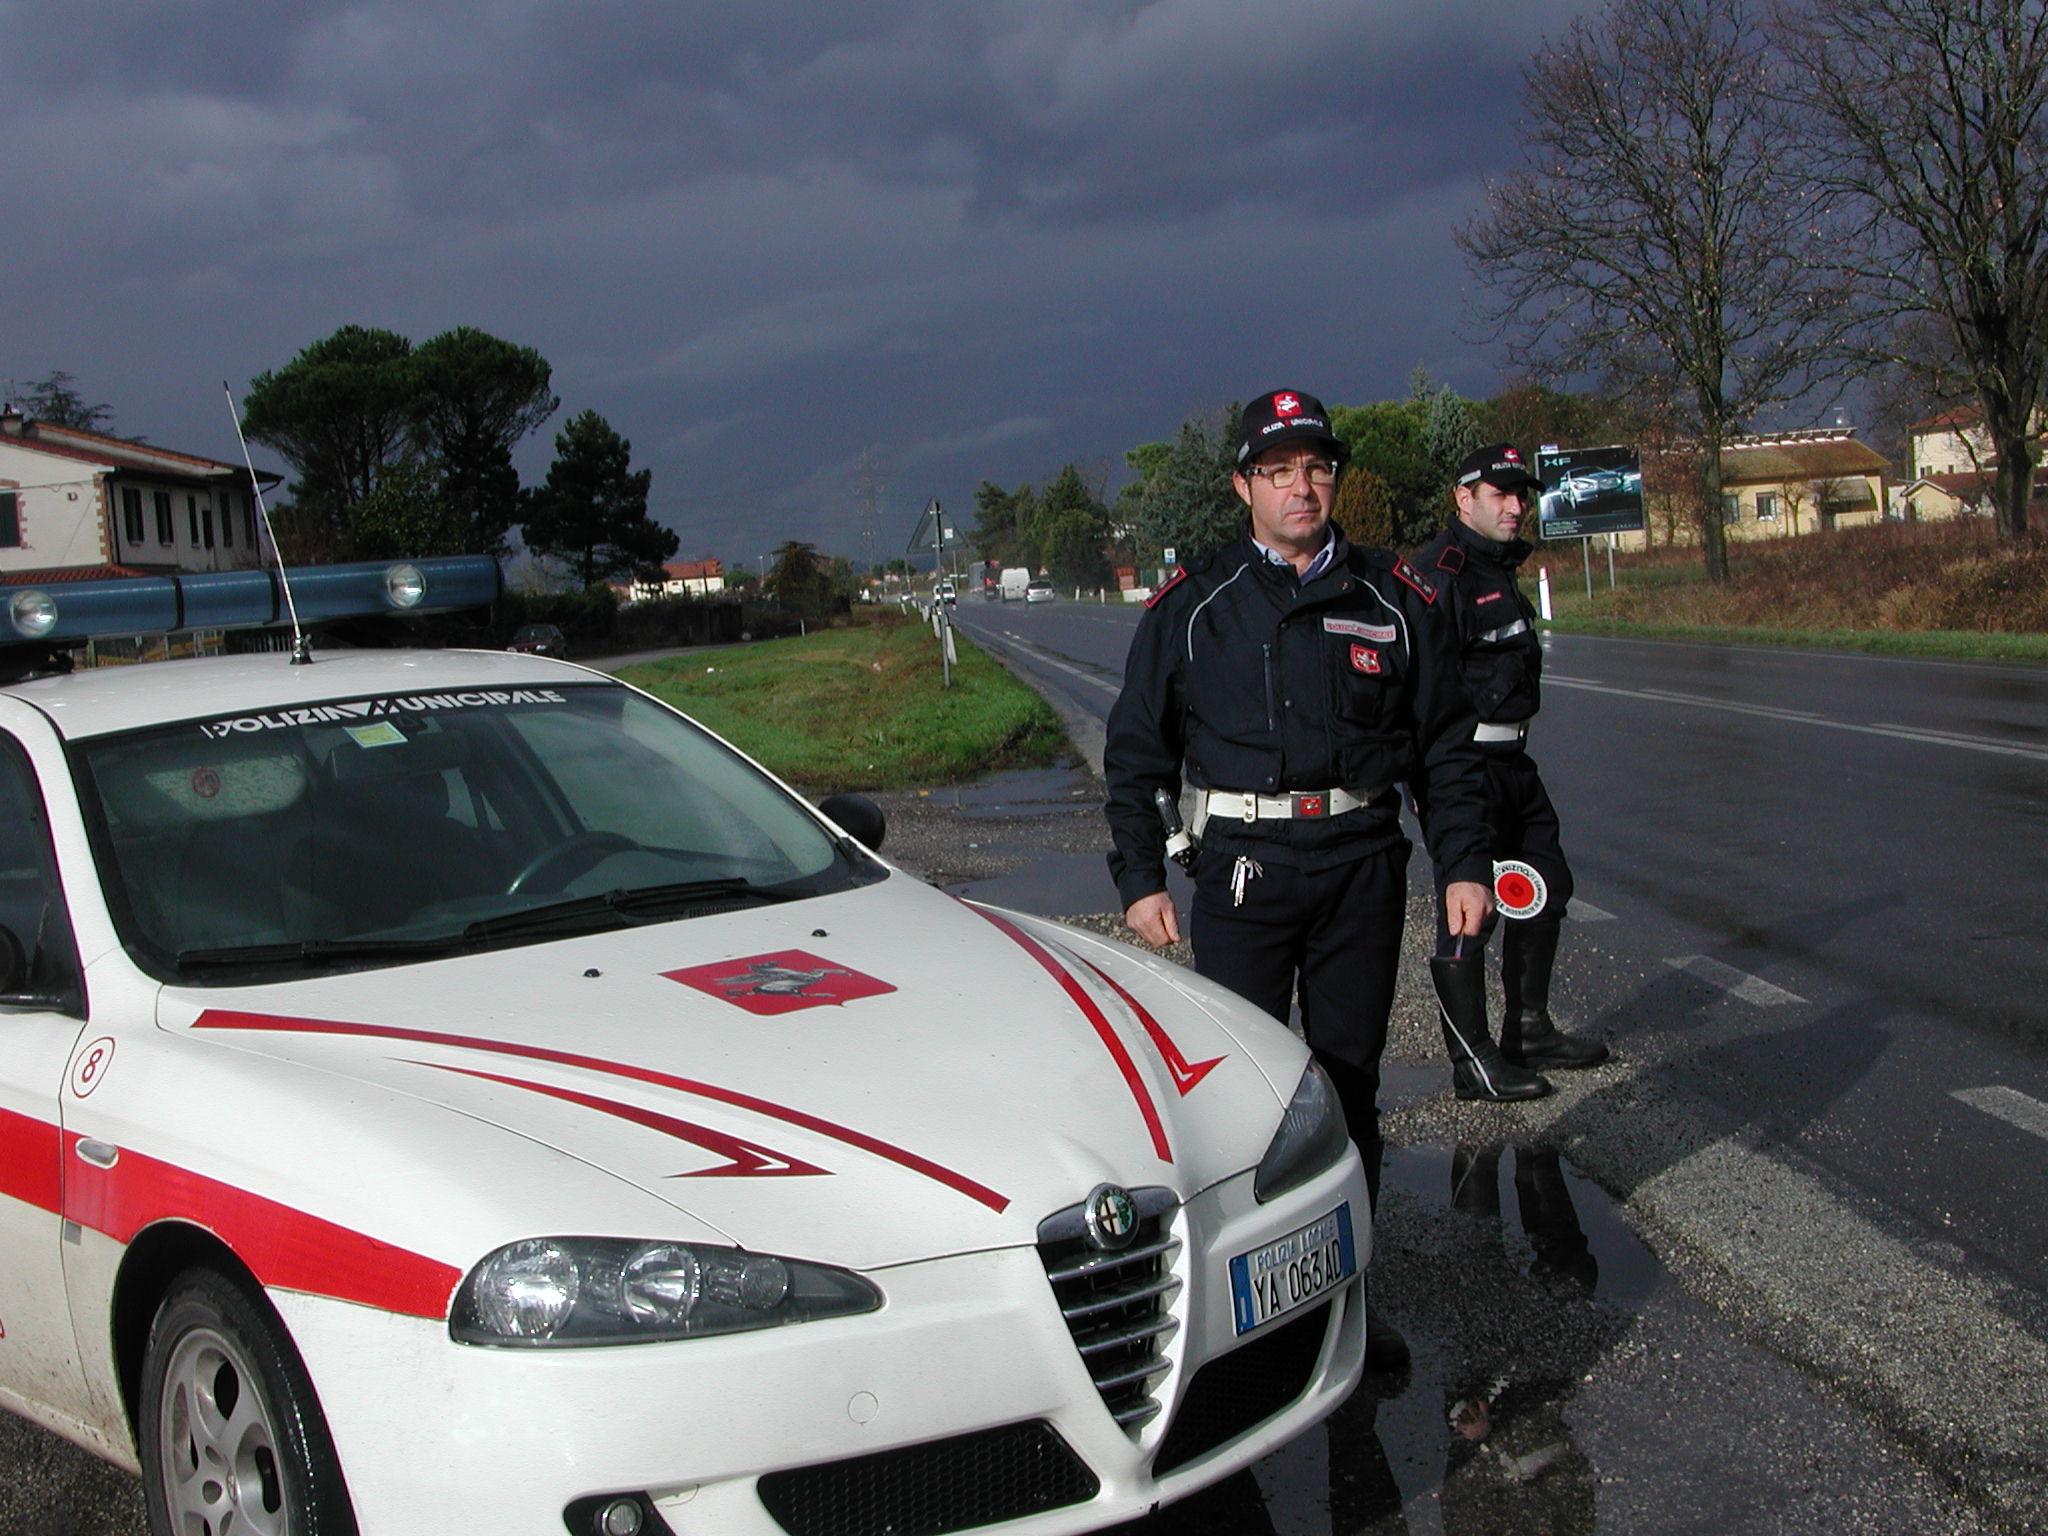 Polizia Municipale Altopascio - Italo Pellegrini